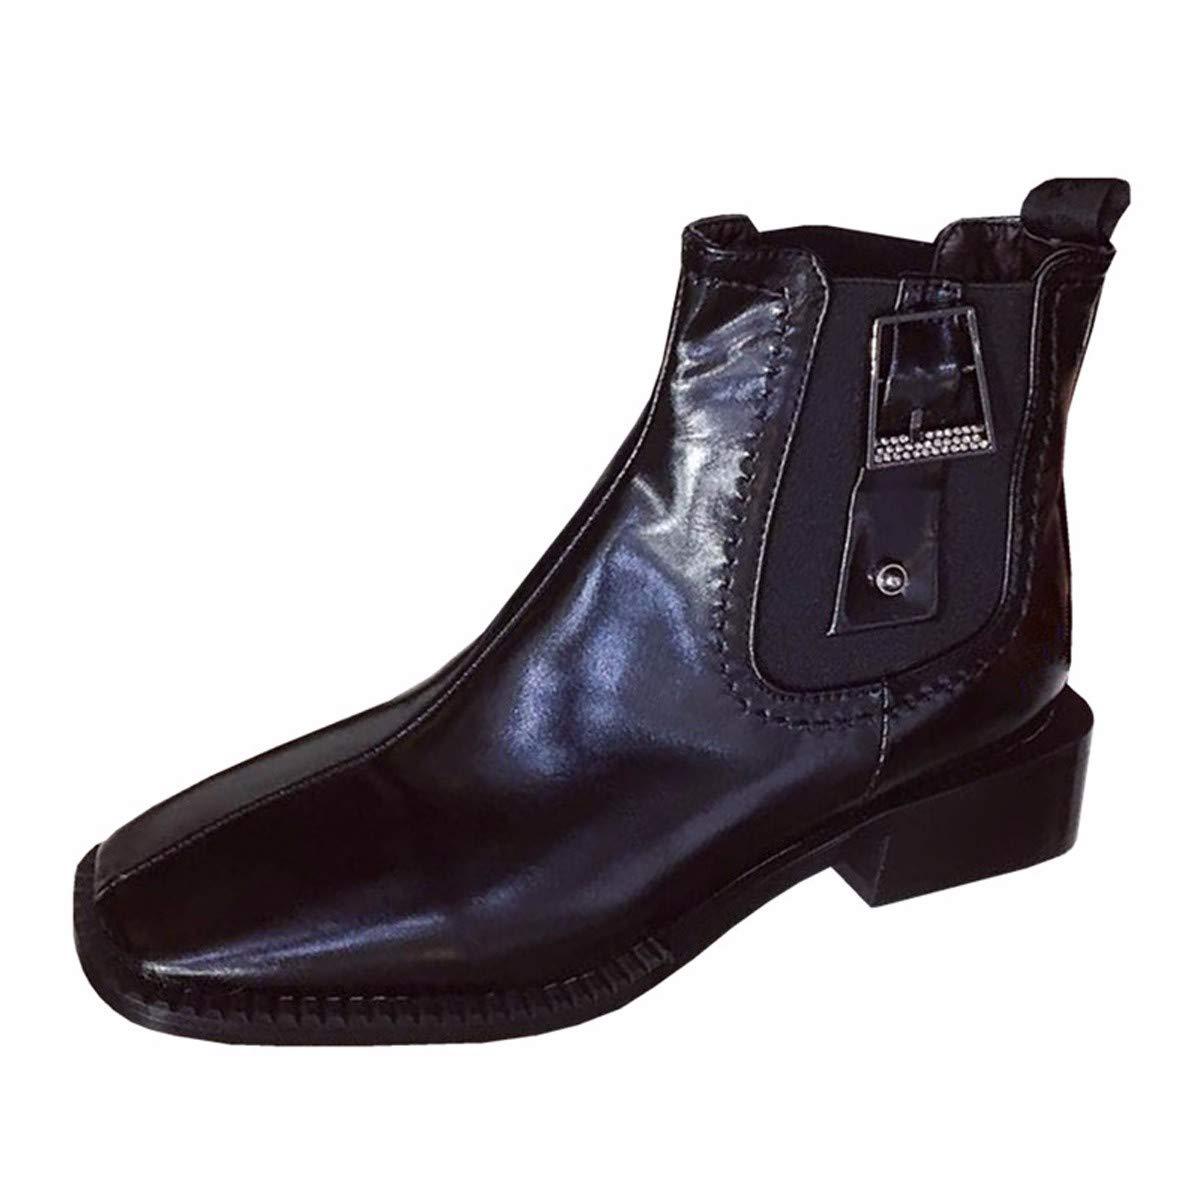 LBTSQ LBTSQ LBTSQ Fashion Damenschuhe Mode - Lokomotiv - Stiefel Heel 4Cm Gürtel Am Kopf Mitte Sohle Stiefel Schwarz Chelsea - Trend af13e8